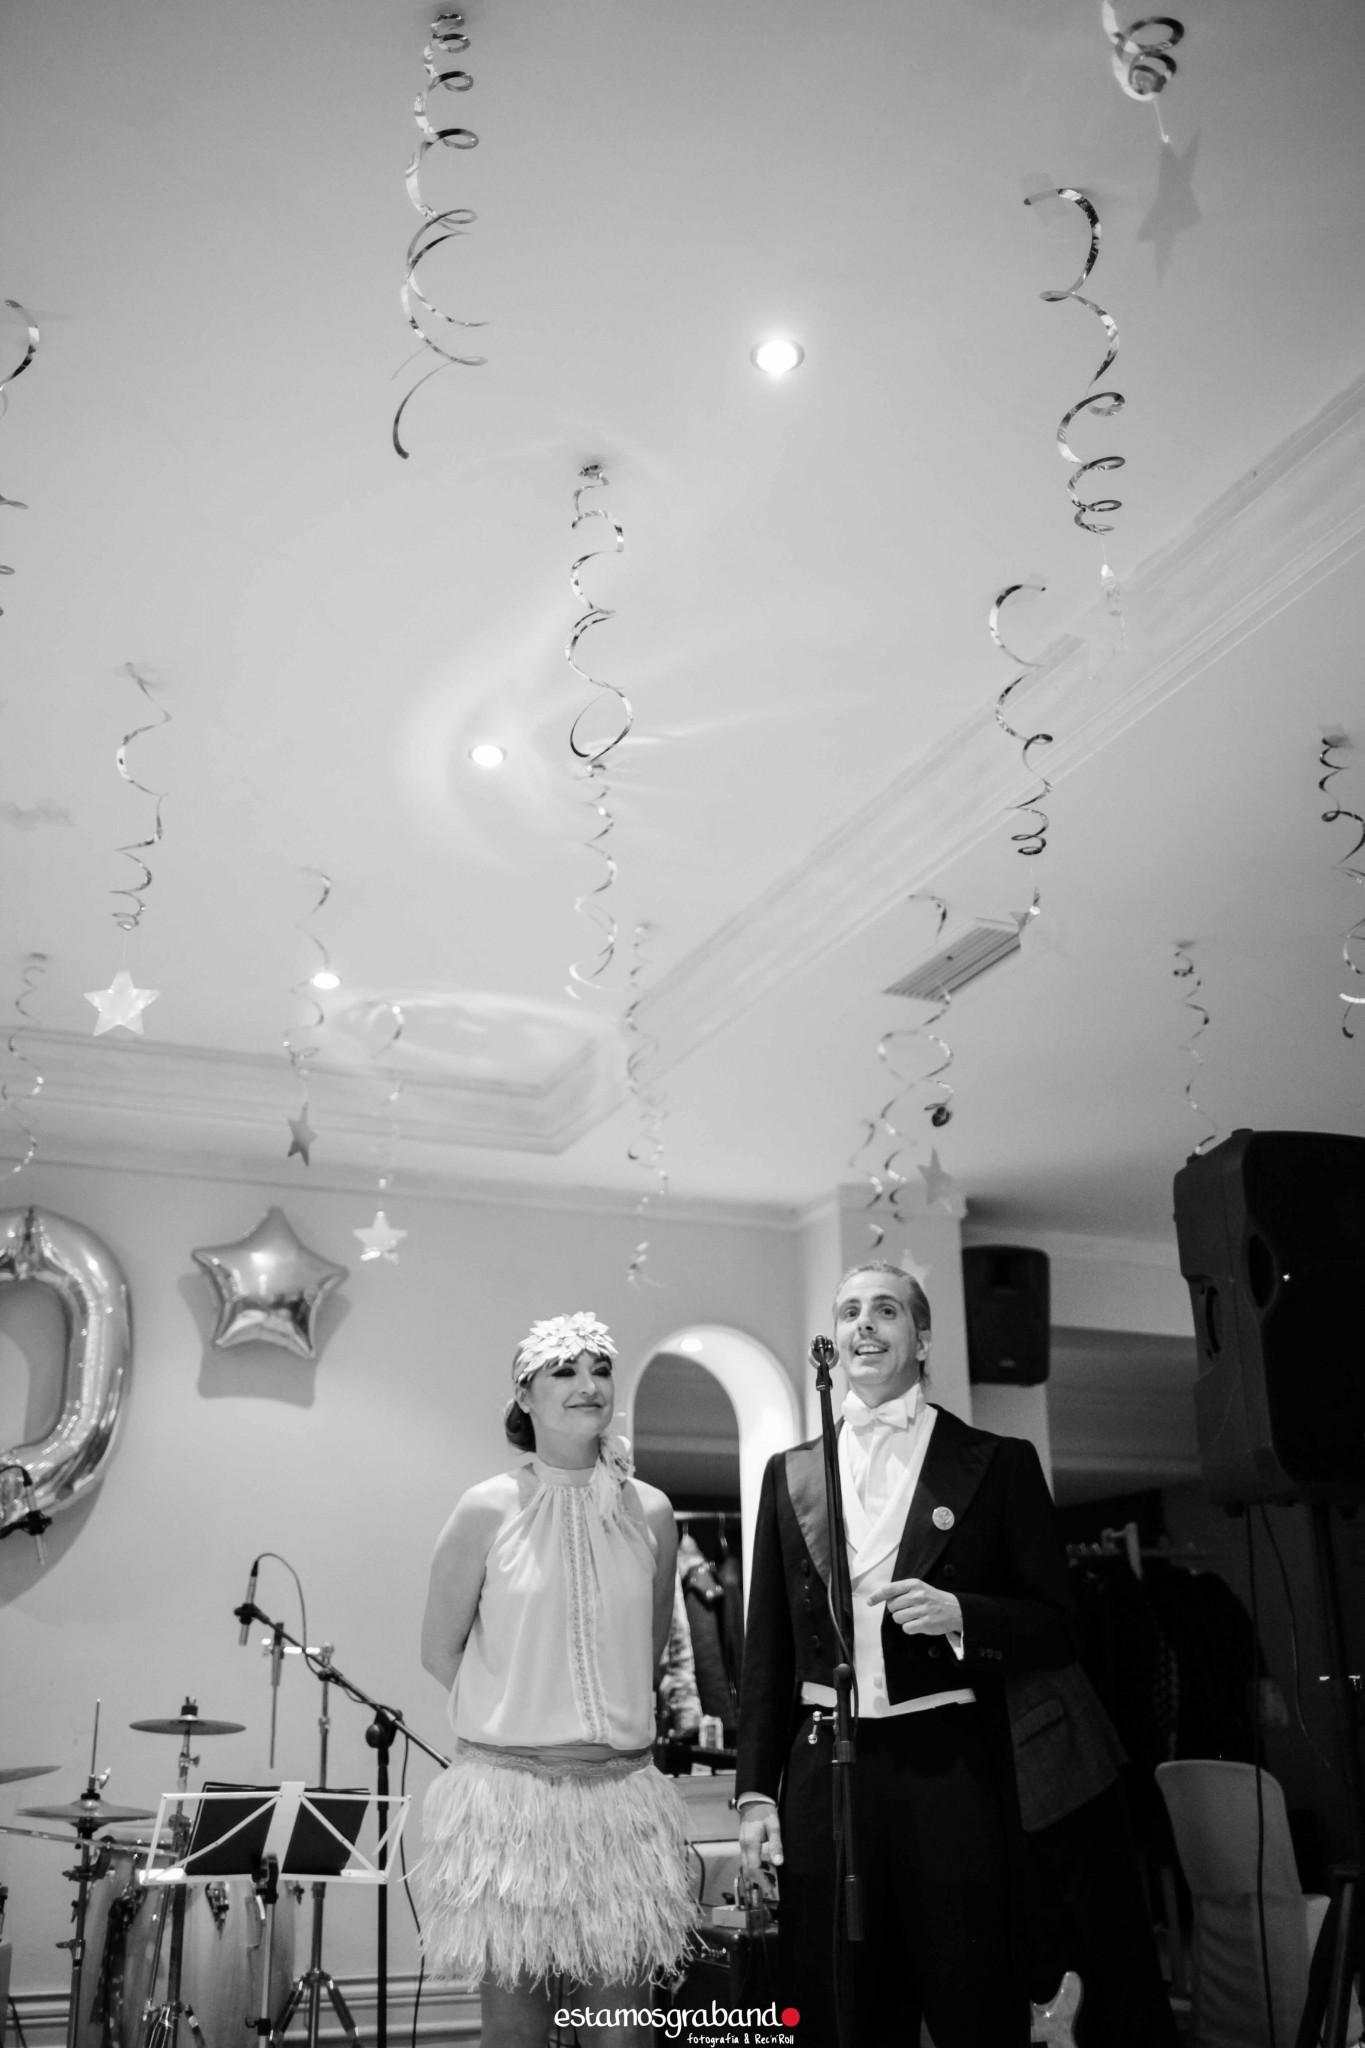 Fali-Bea-58-de-78 Fiesta Años 20 [La Teta de Julieta, Cádiz] - video boda cadiz